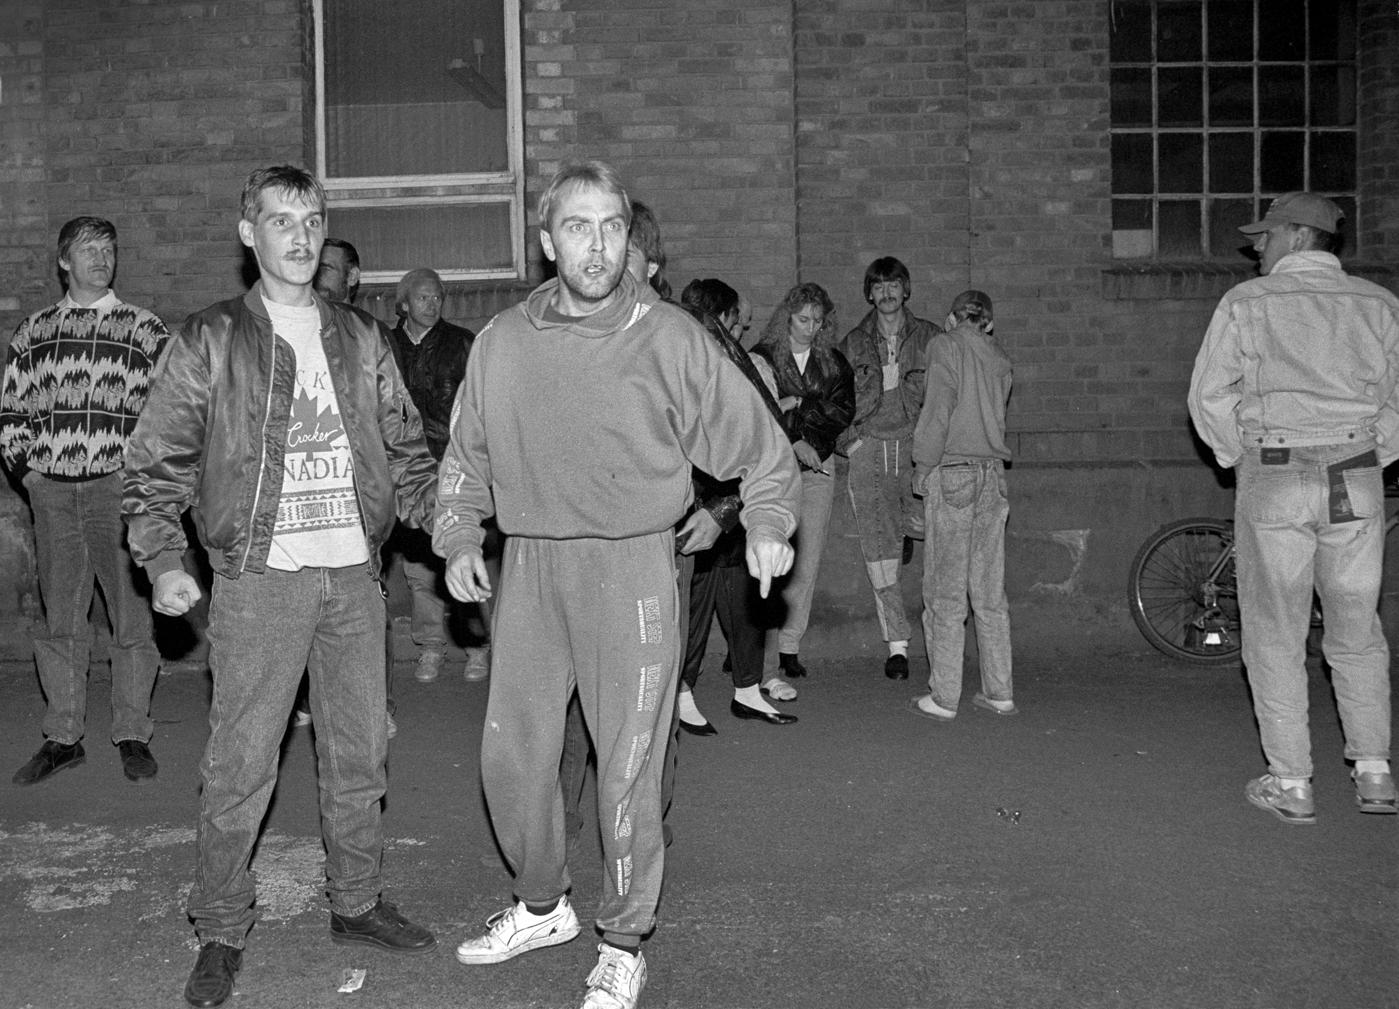 Schläger bauen sich auf gegen Asylbewerber in Quedlinburg, 1992